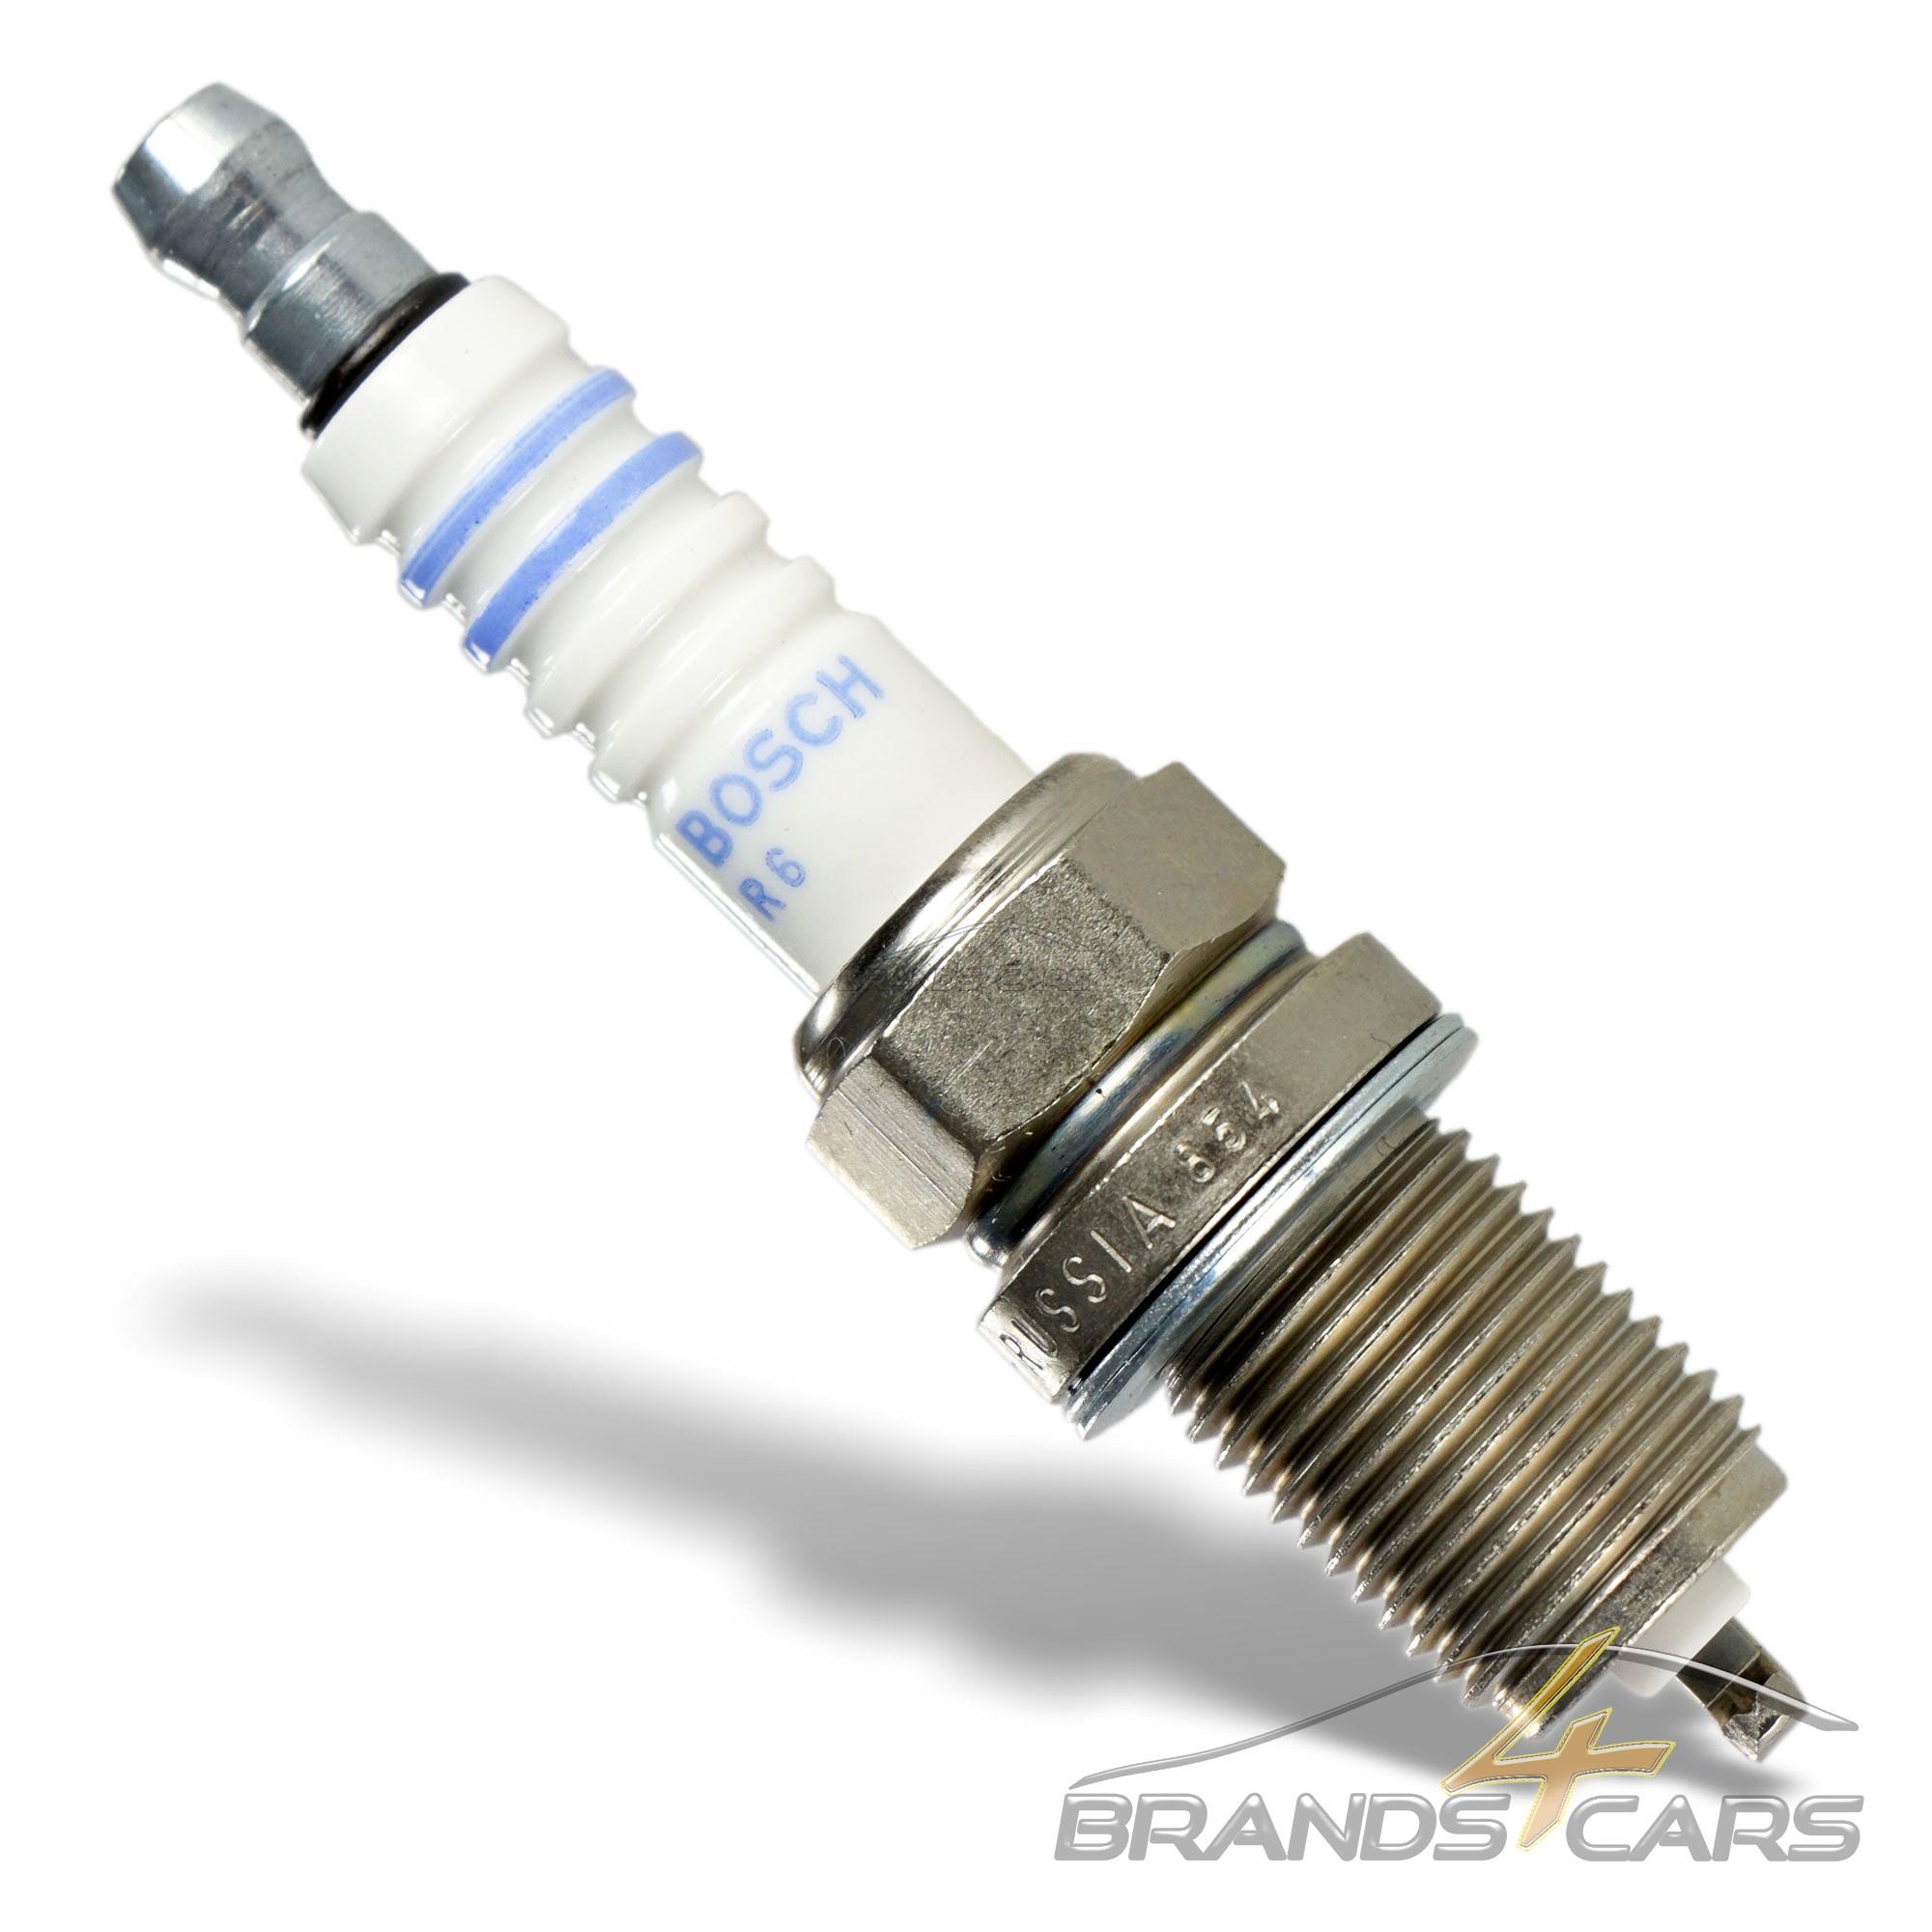 4x-original-Bosch-bujia-Fiat-Seicento-1-1-00-10-Stilo-1-6-1-8-Strada-1-2 miniatura 2